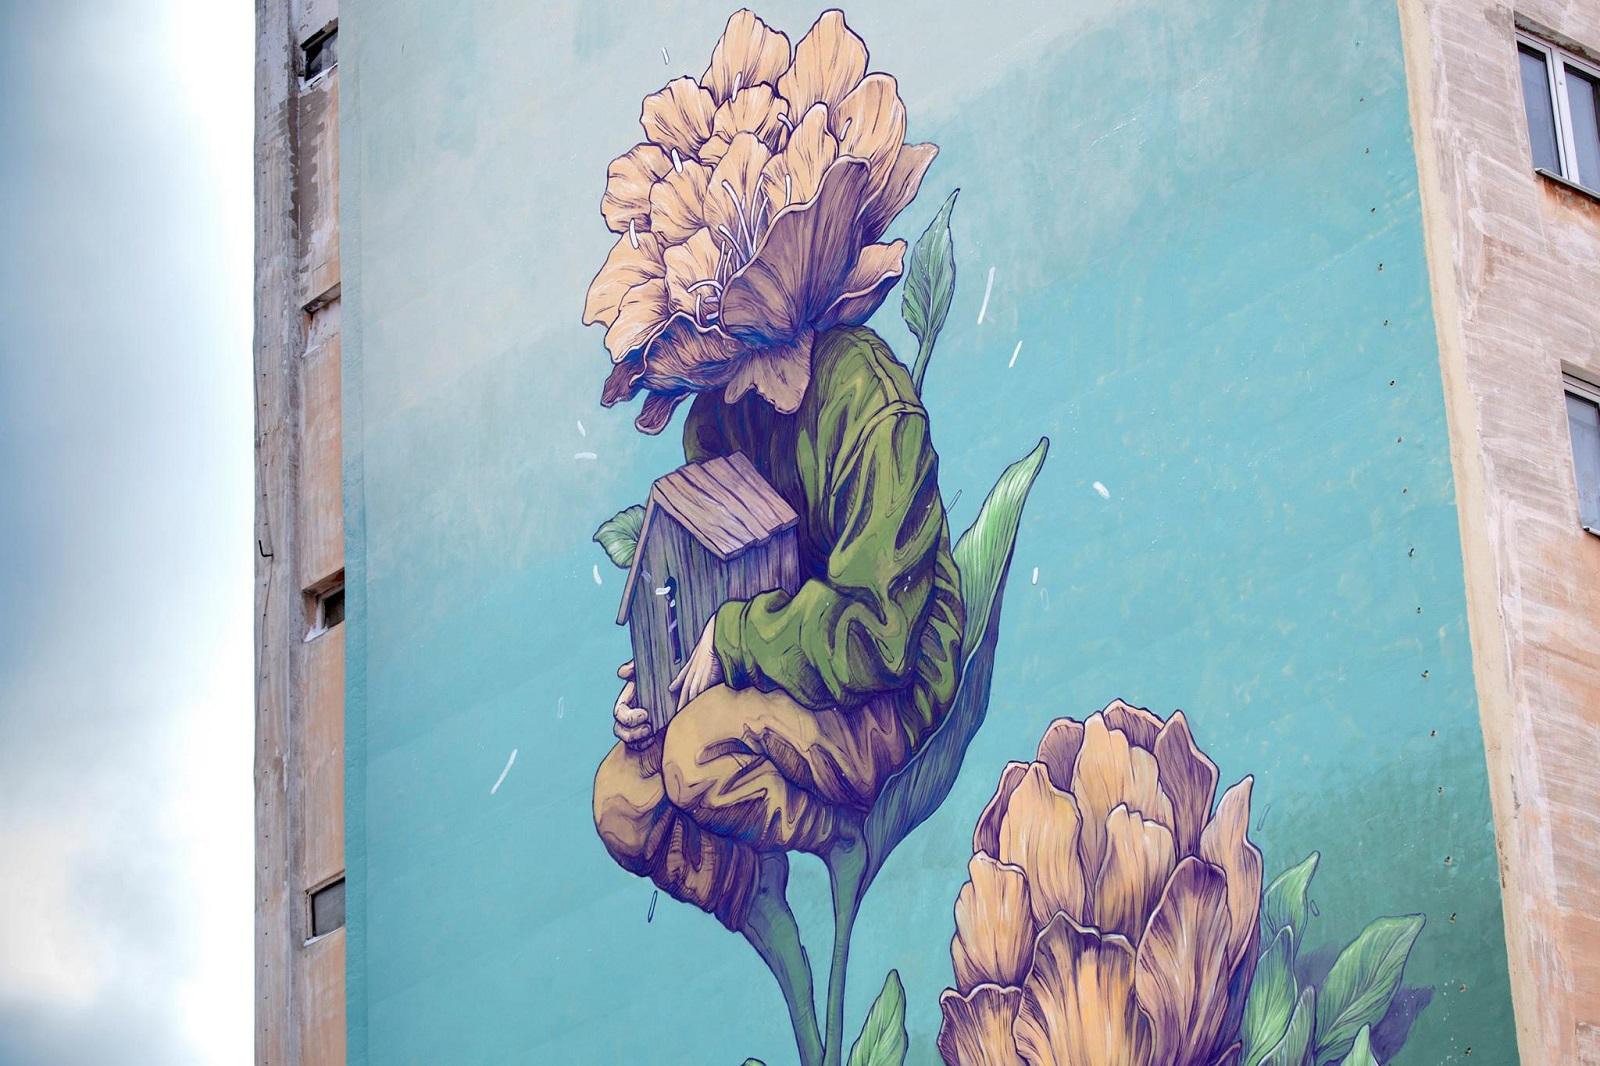 rustam-qbic-new-mural-in-nizhniy-novgorod-03